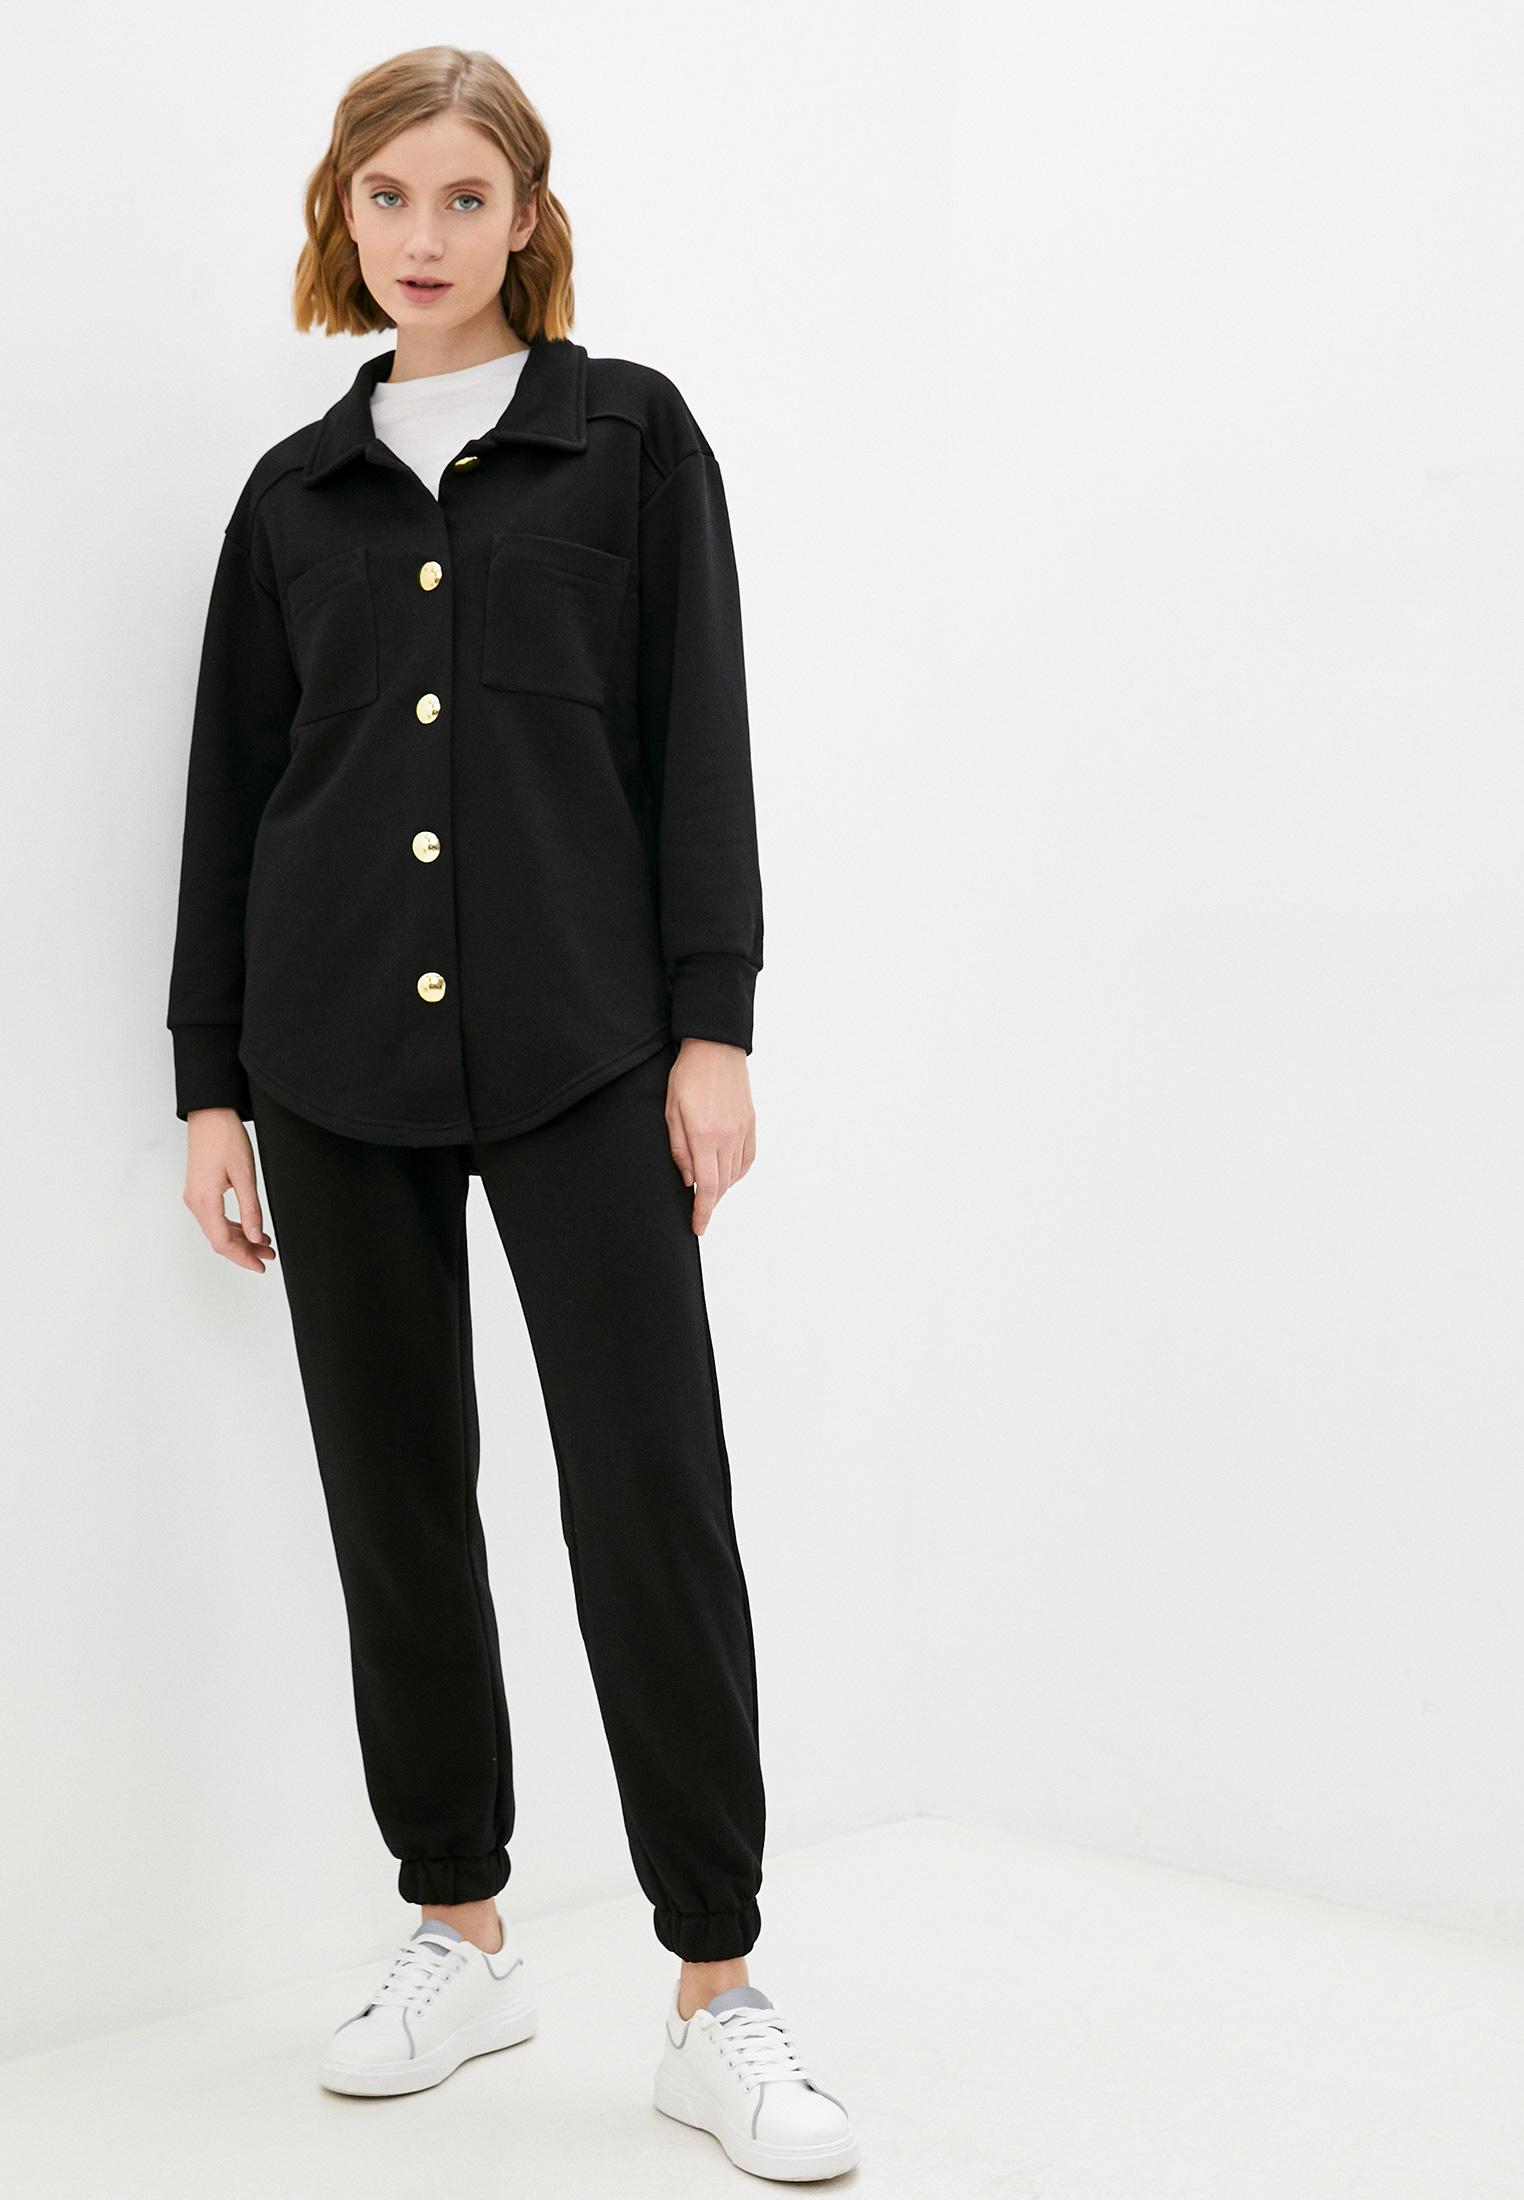 Костюм с брюками Moona Store Костюм Moona Store